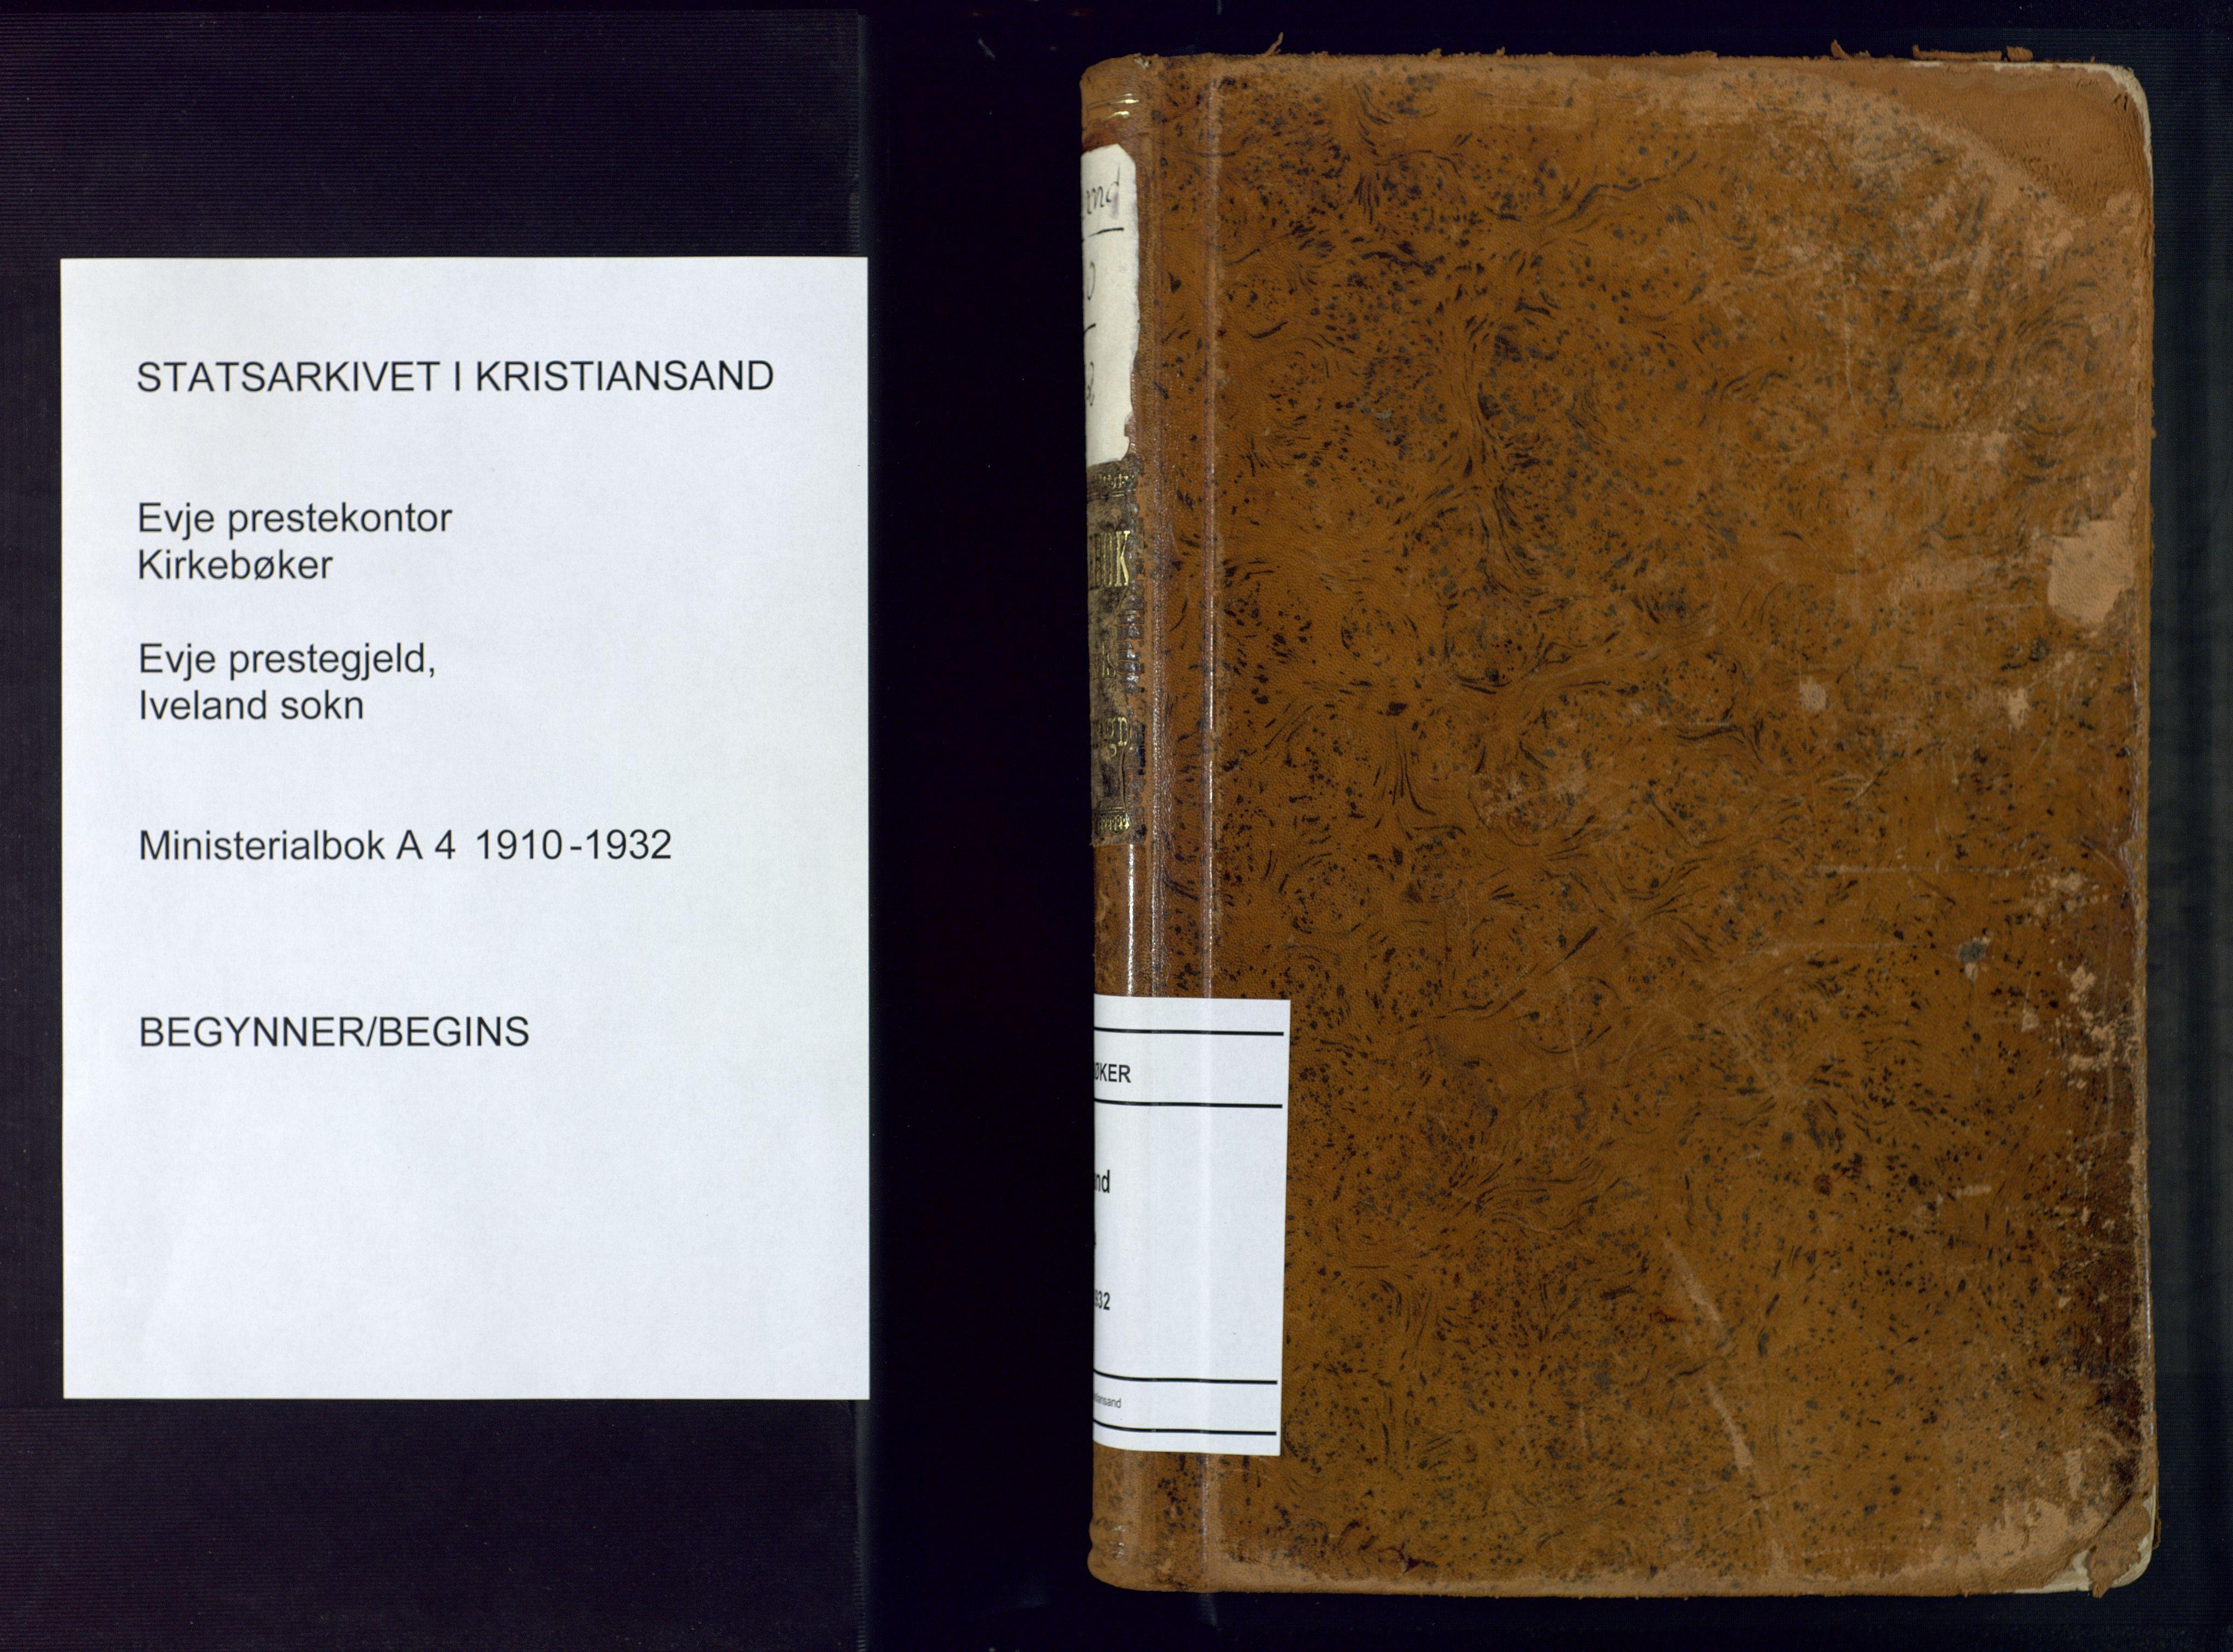 SAK, Evje sokneprestkontor, F/Fa/Fac/L0004: Ministerialbok nr. A 4, 1910-1932